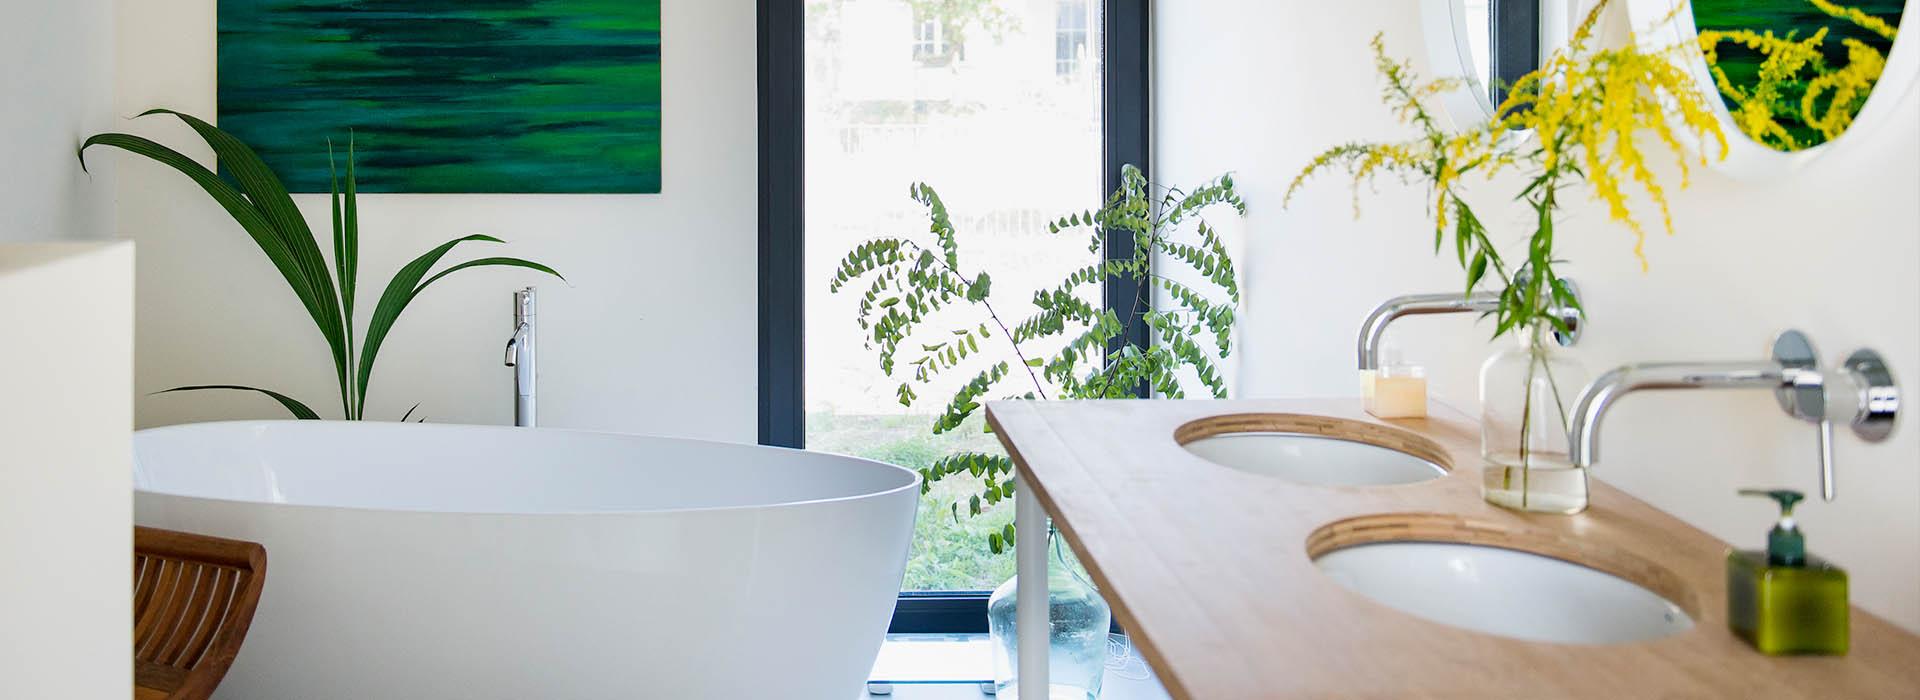 Renees Interior Design